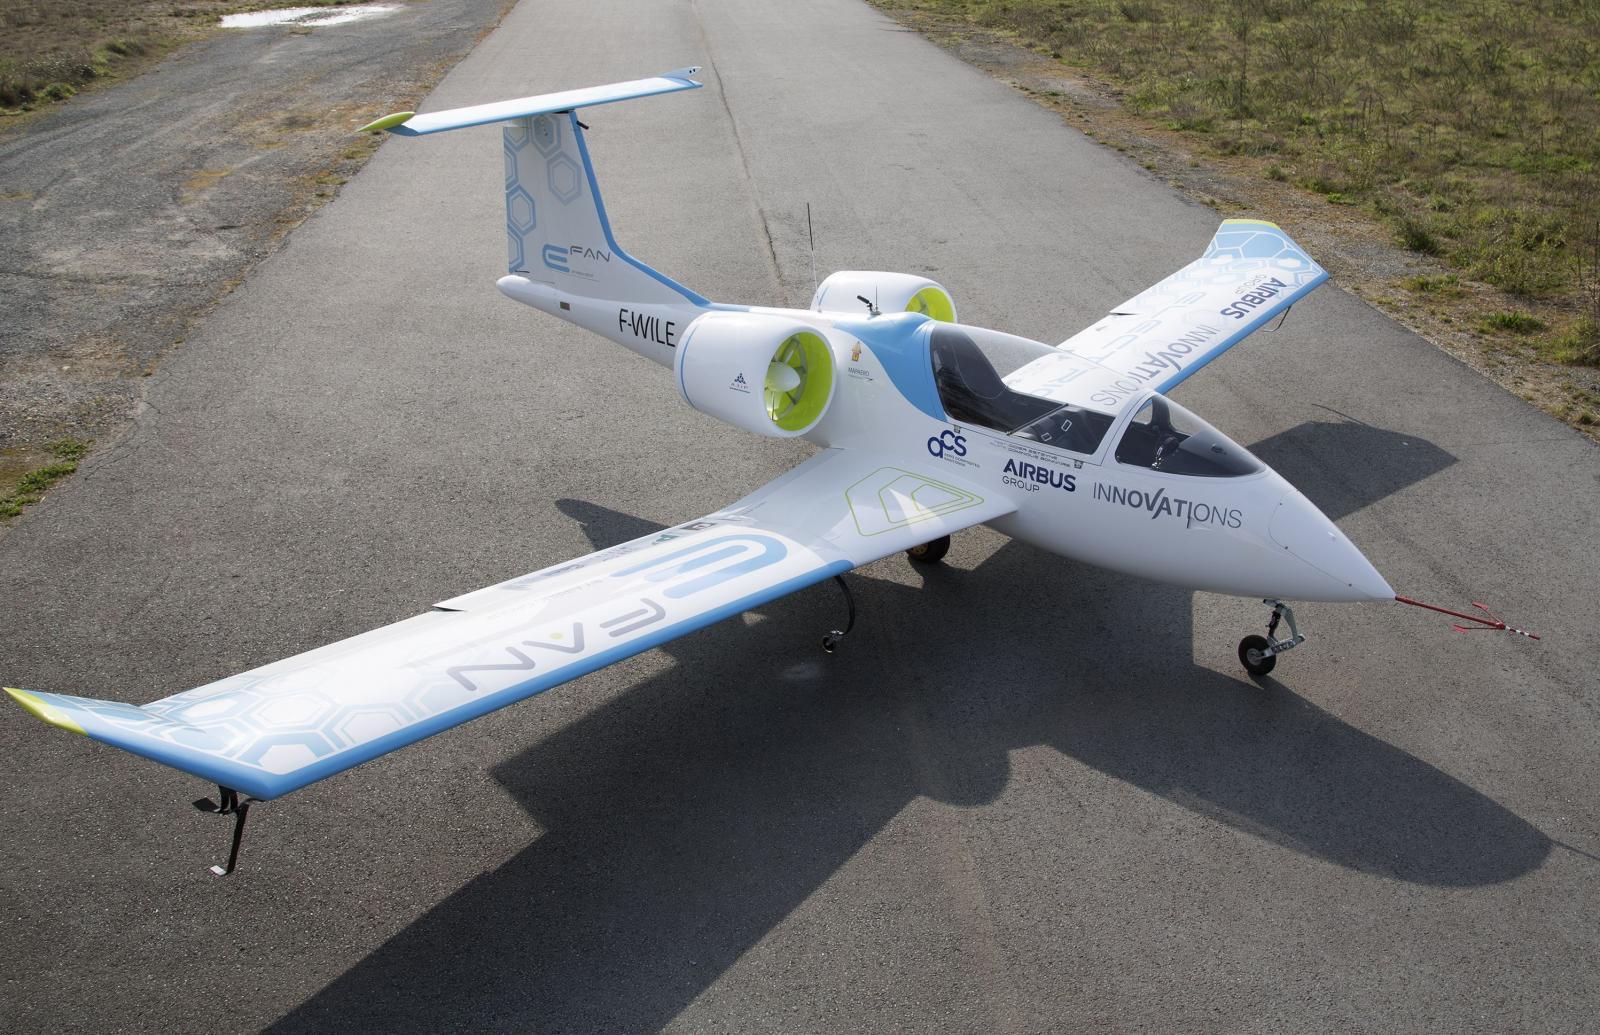 image009 - Airbus решил не заниматься разработкой самолета с электрической силовой установкой